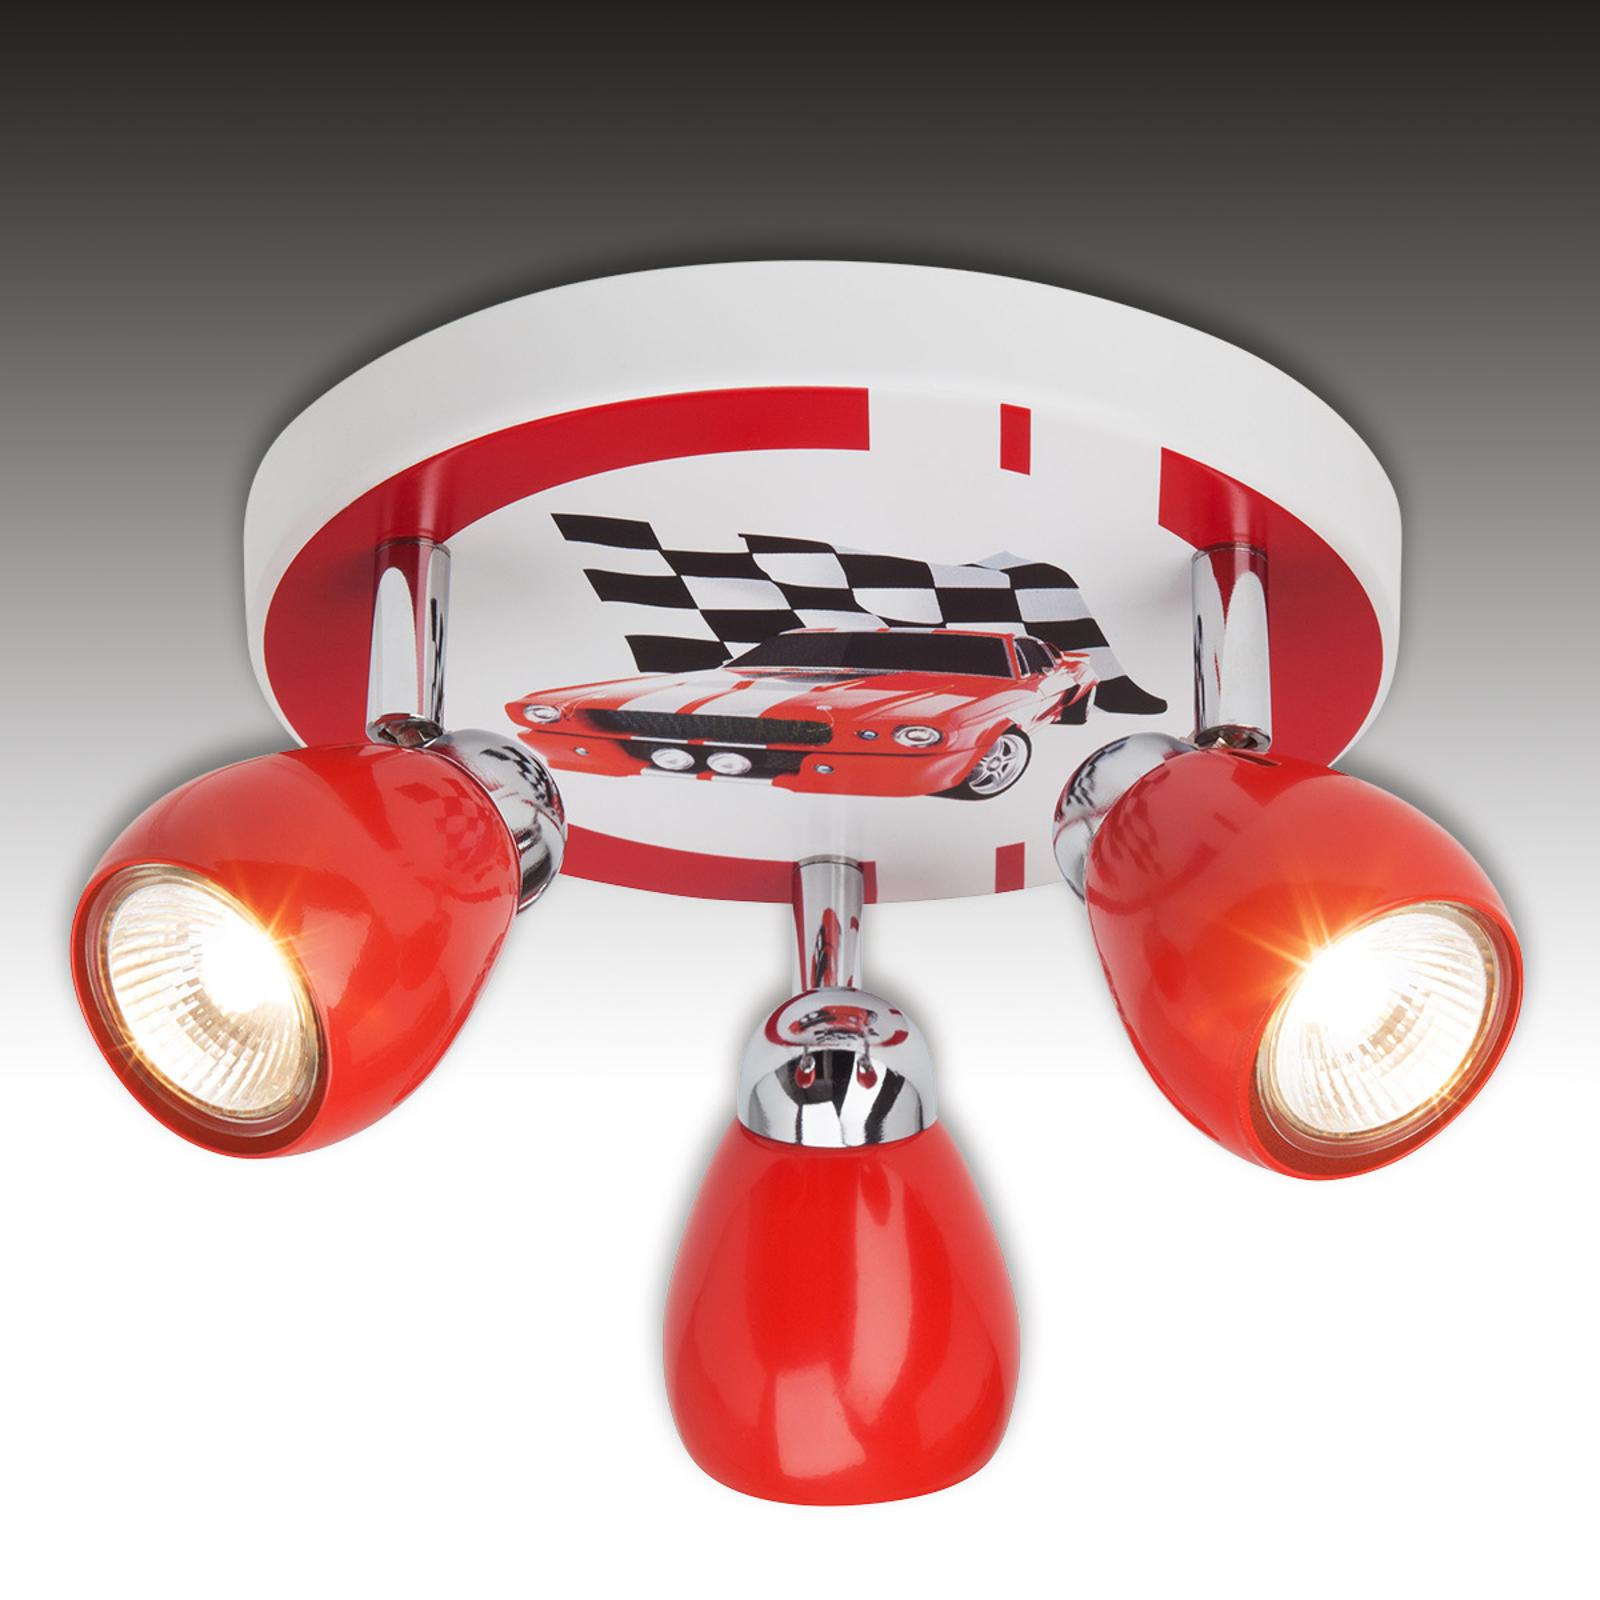 Racing - lampa sufitowa do pokoju dziecięcego